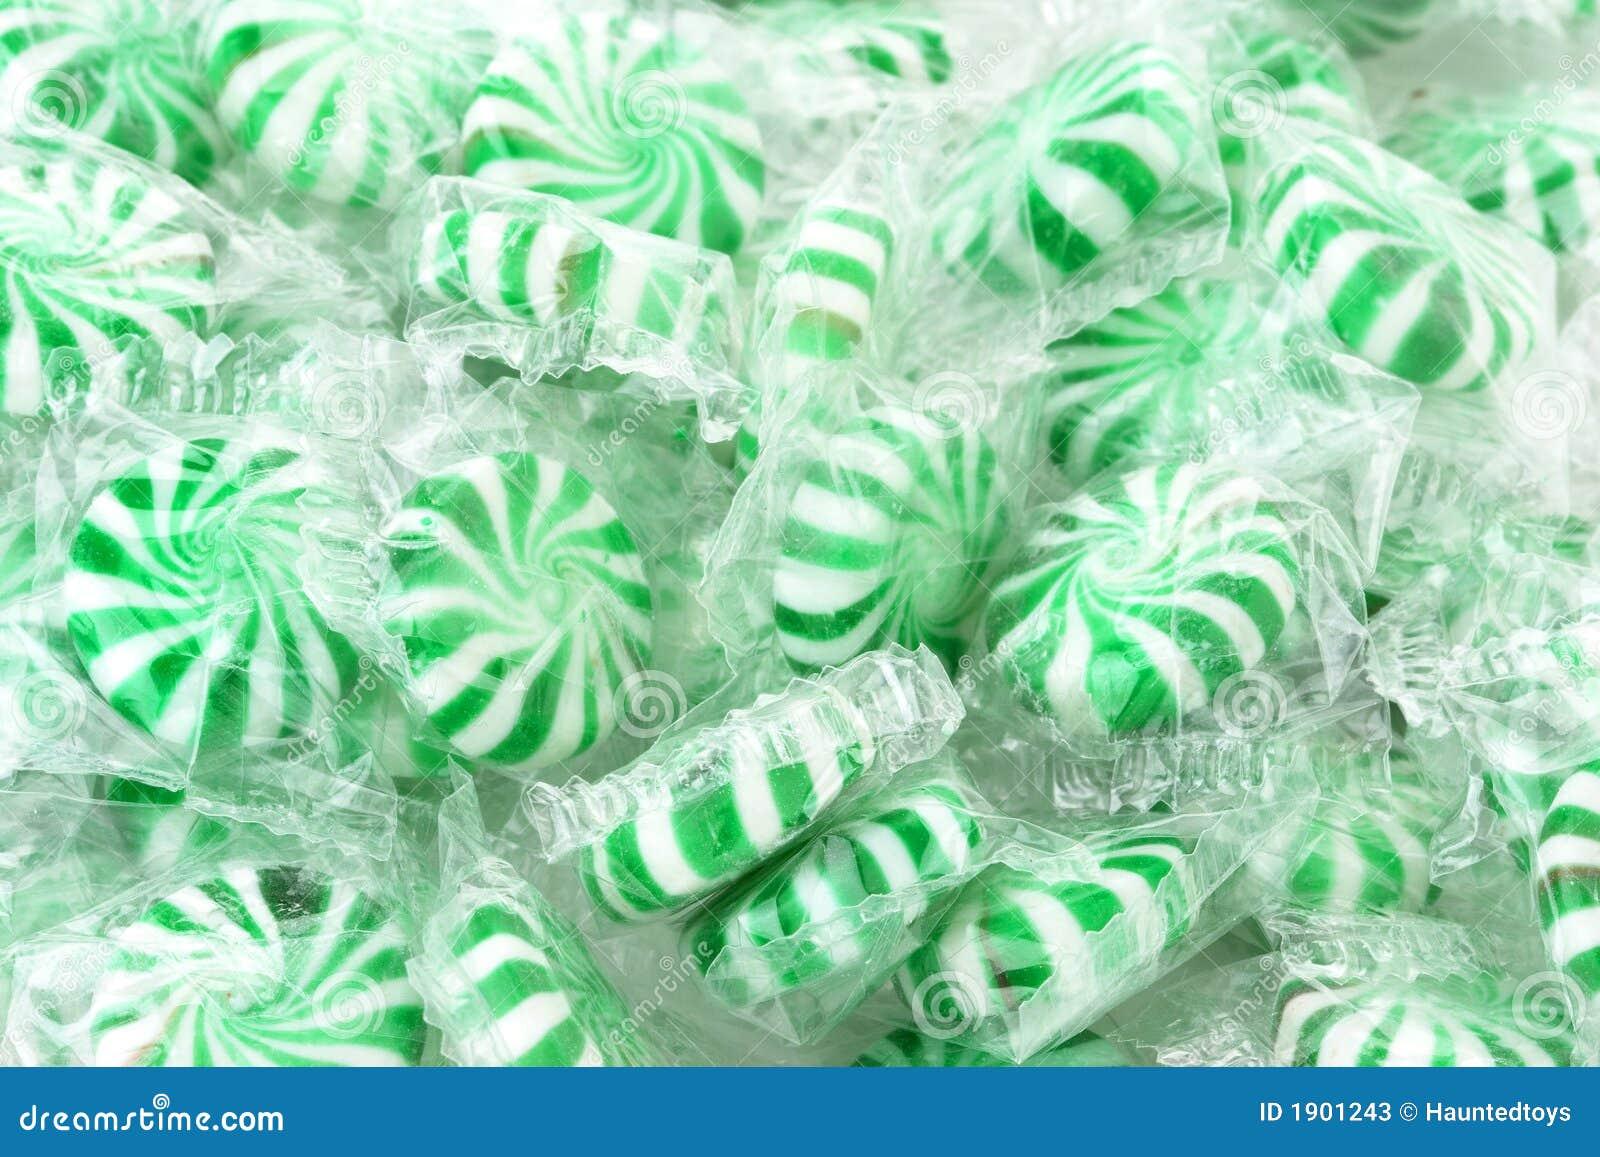 Caramelo En Envoltura Verde Stock Images - Download 362 Photos